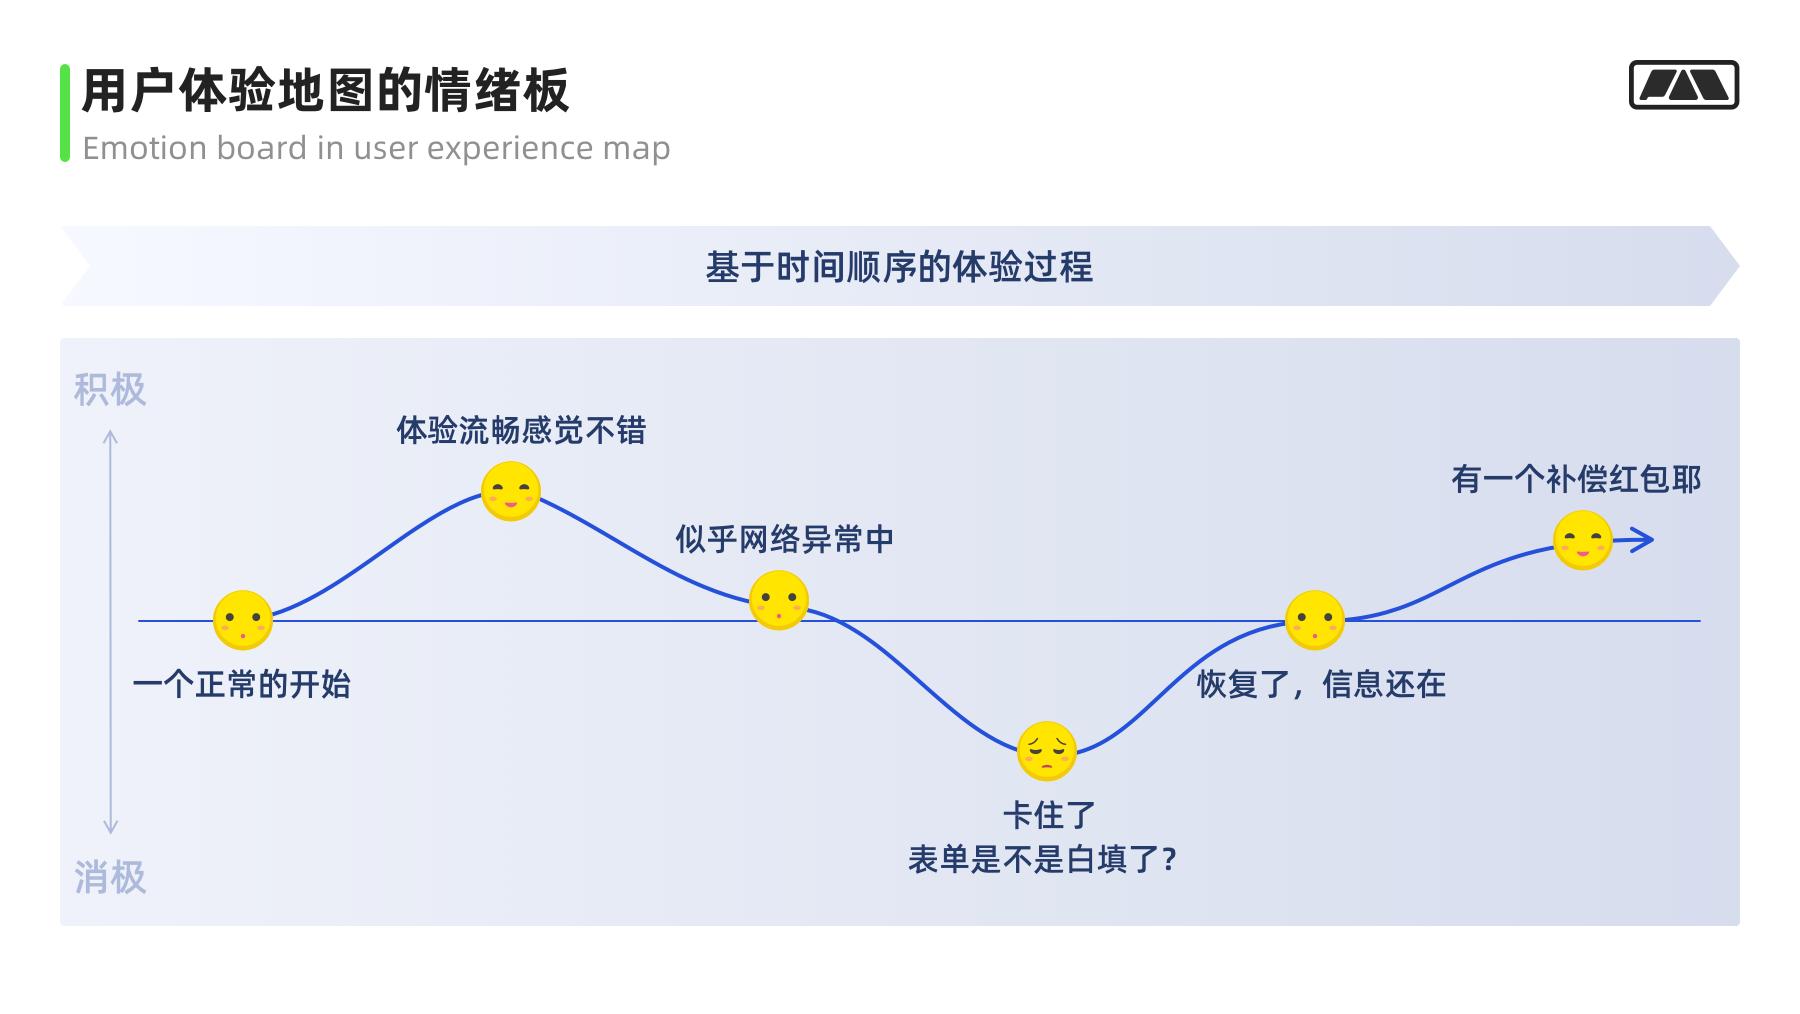 画像/体验地图/触点模版实战应用指南